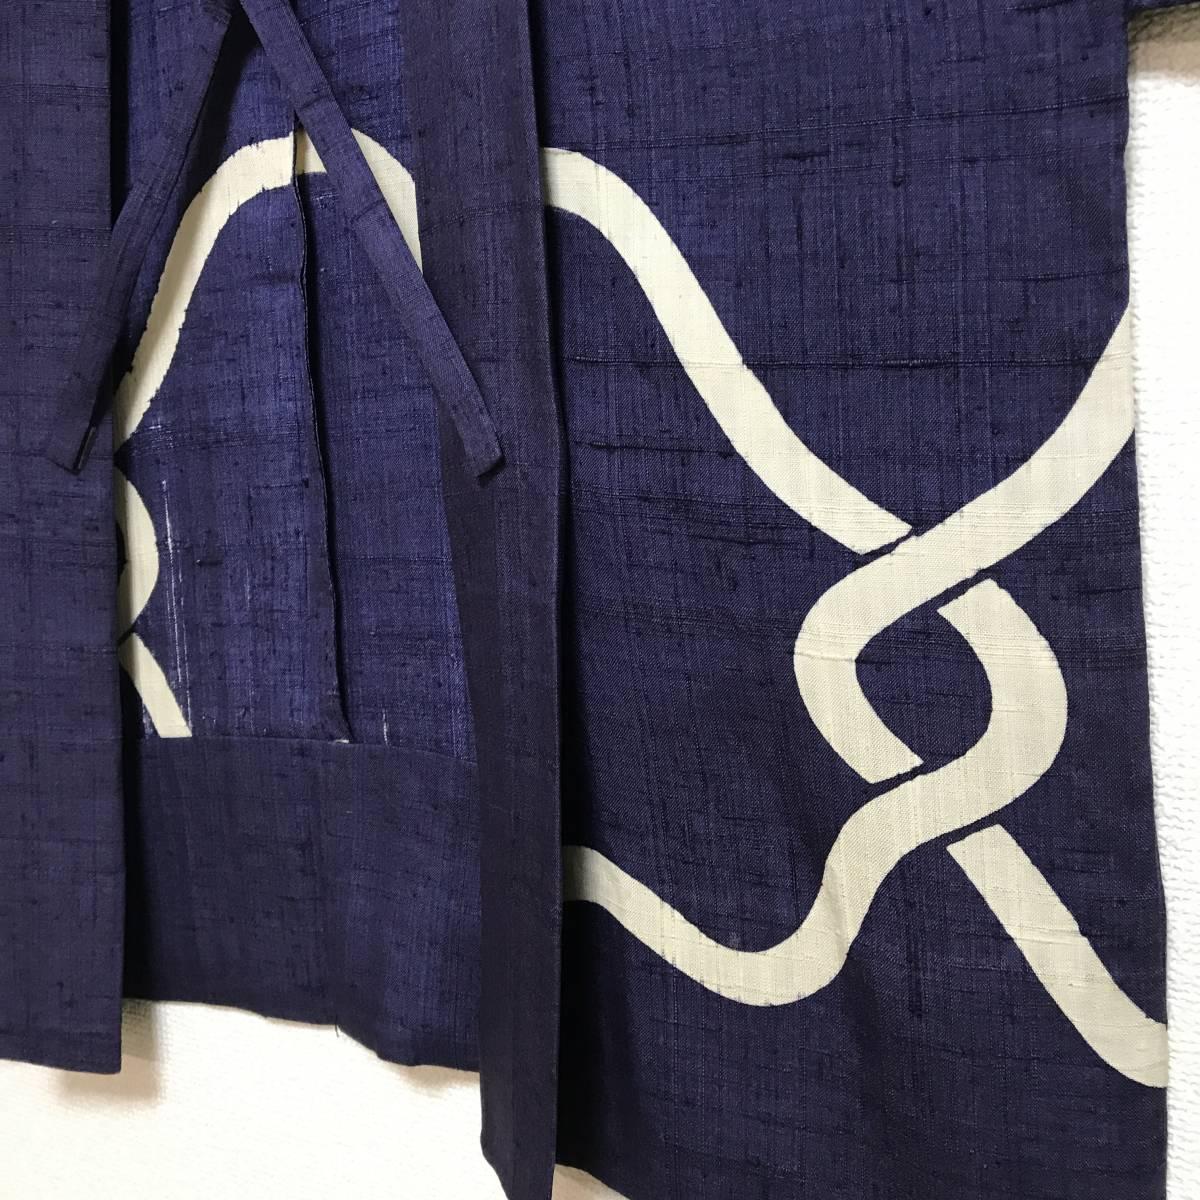 ◆激レア◆大相撲 呼出しさんの衣装 羽織り『春日野』紫色(相撲 呼び出し 行司 衣装 着物 和服 男性 珍品 レア)_画像6